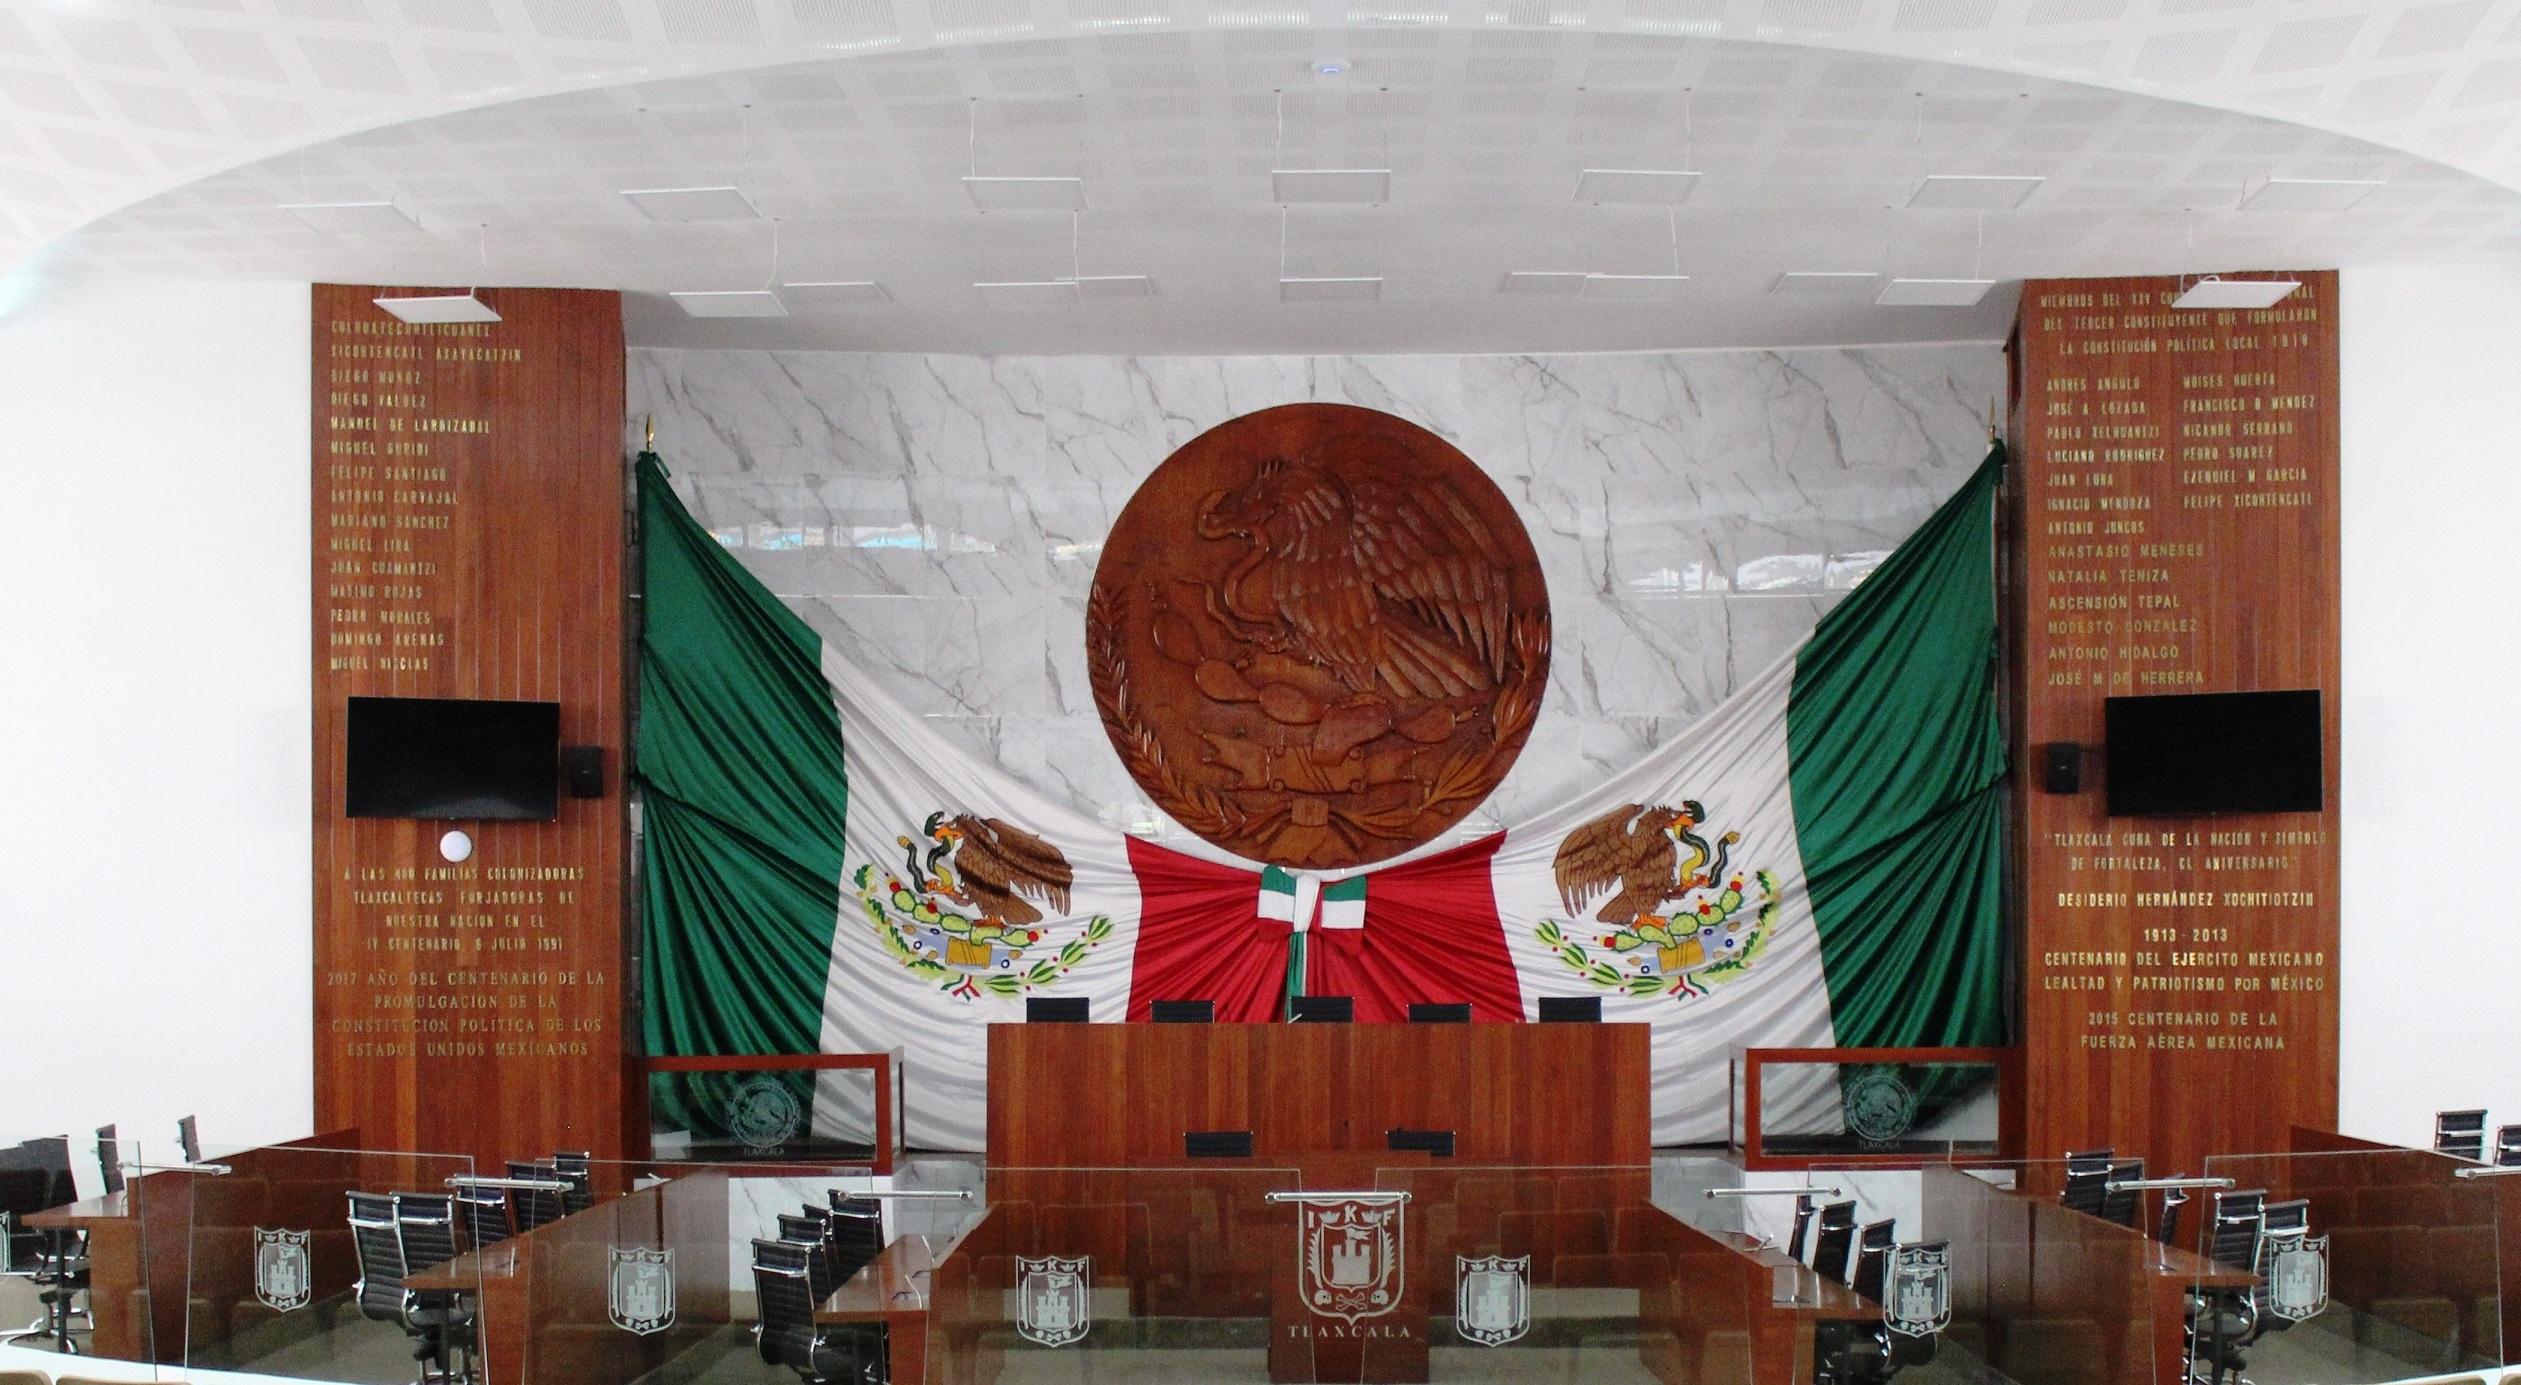 """El Congreso y el Poder Judicial del Estado de Tlaxcala invitan el 07 de junio a la conferencia magistral """"Reflexión histórico-jurídica del constituyente en Tlaxcala"""""""